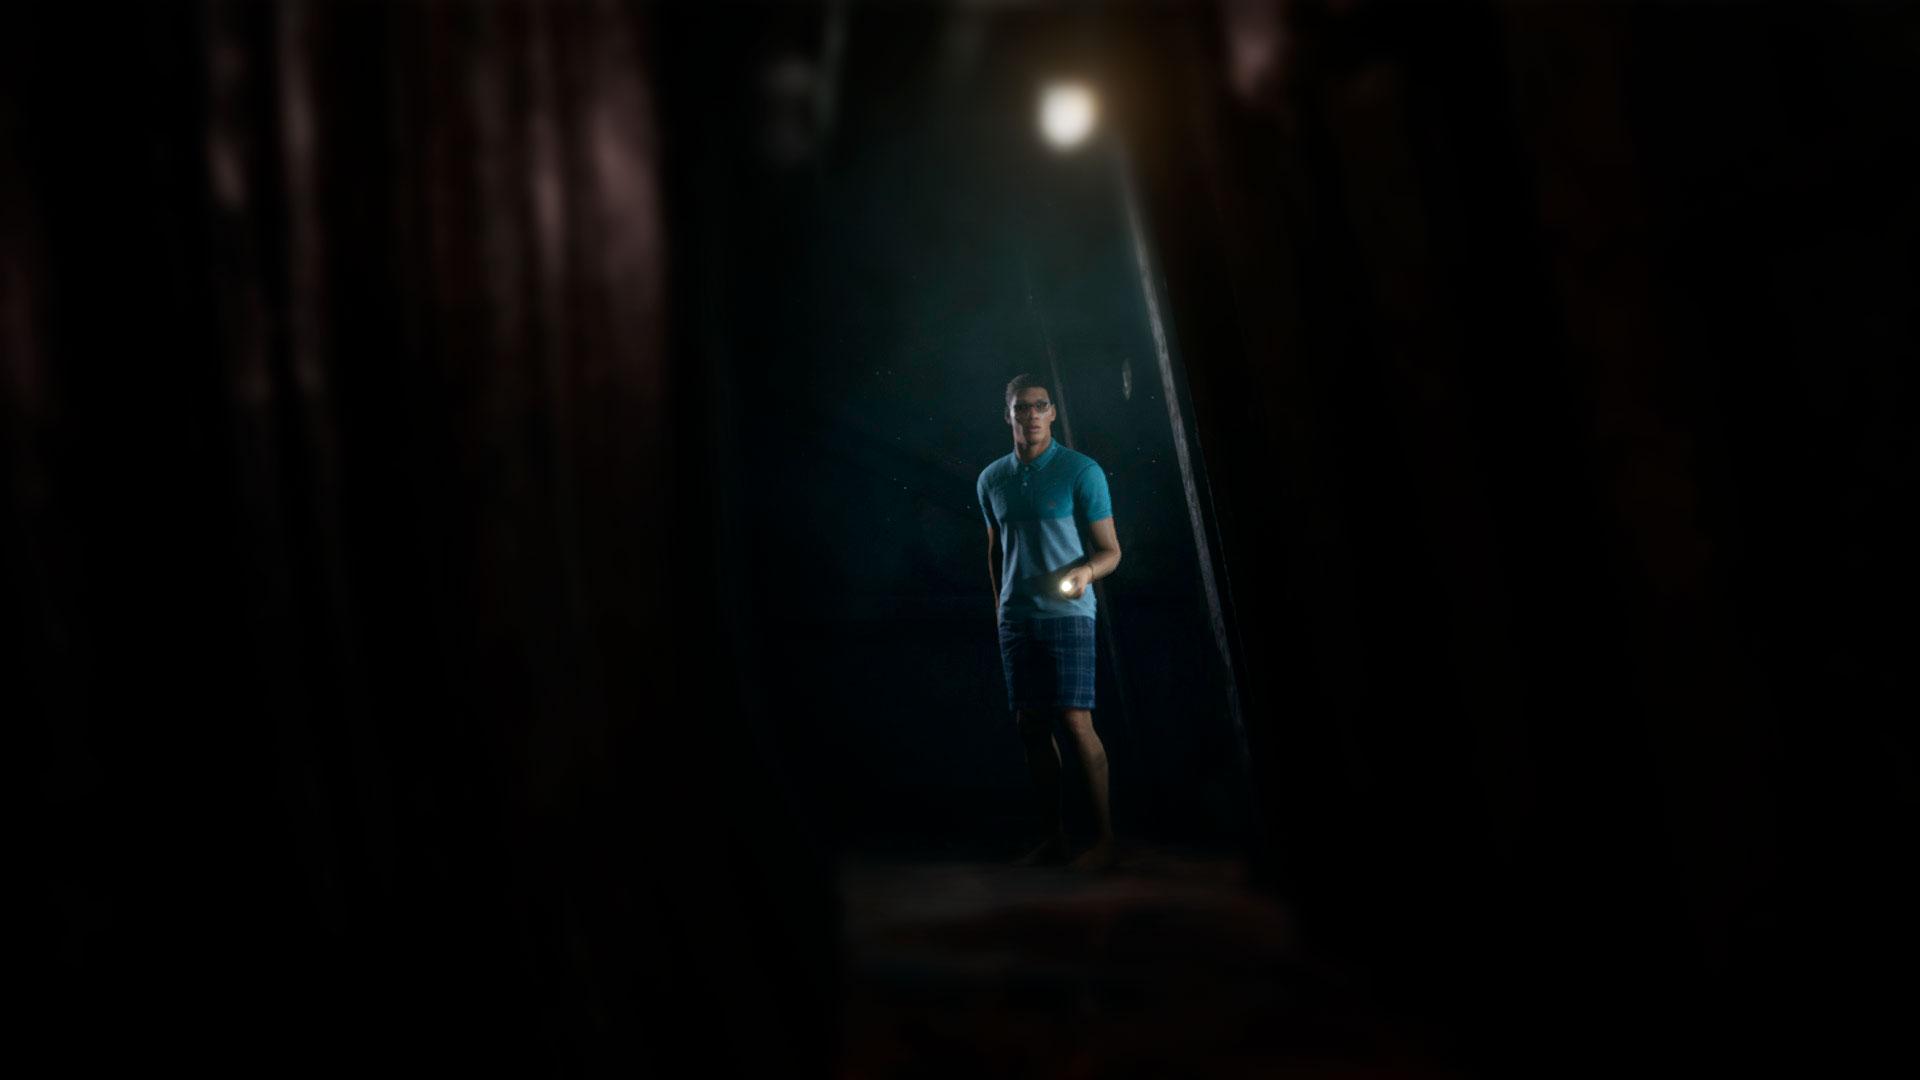 Man of Medan поиск товарища во тьме